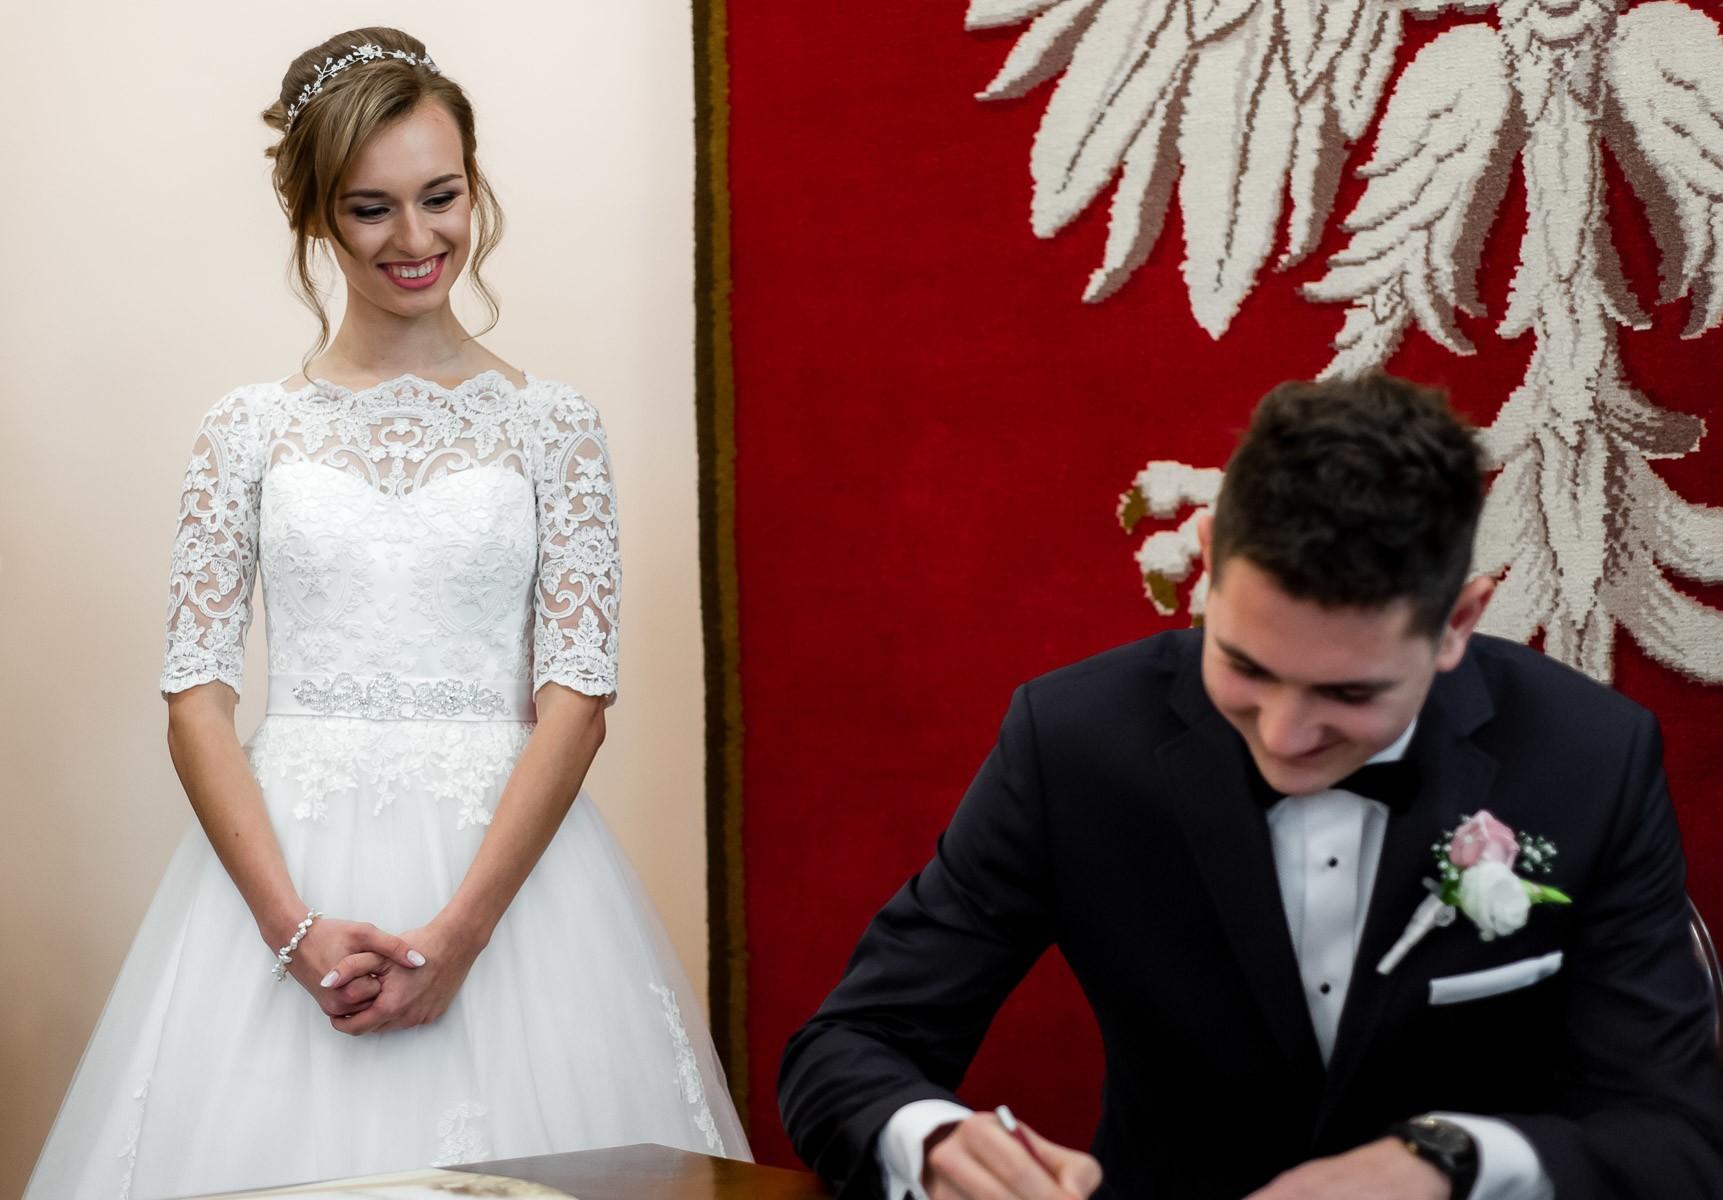 sala na skarpie fotograf slubny slask malopolska adam pietrusiak plener slubny w gorach jw wedding 113